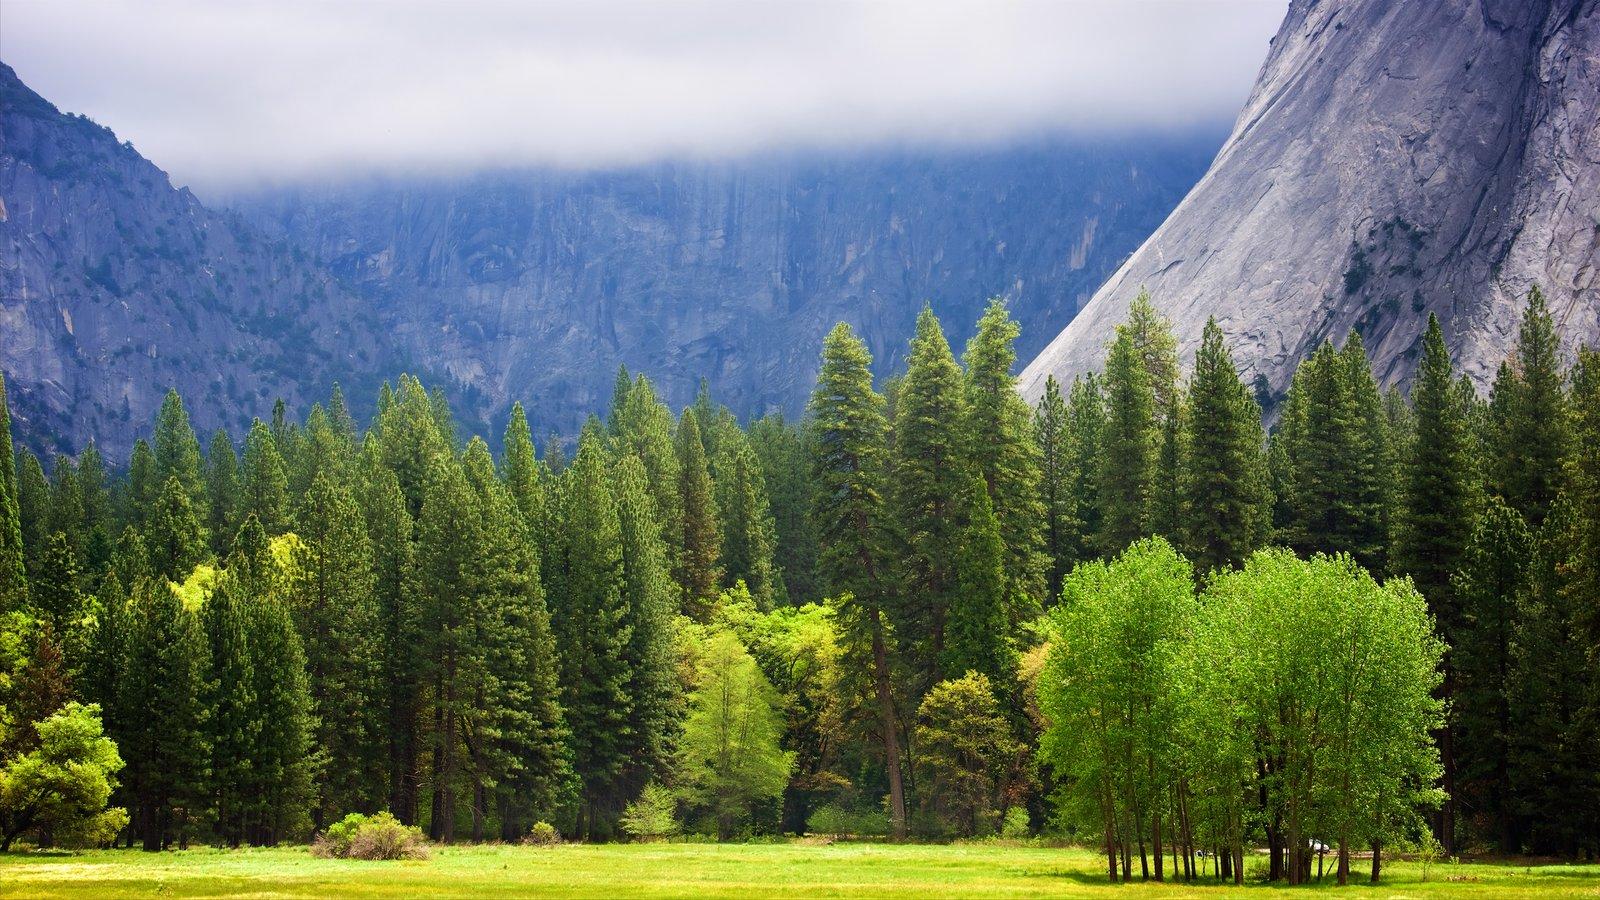 Parque Nacional Yosemite ofreciendo escenas tranquilas y bosques